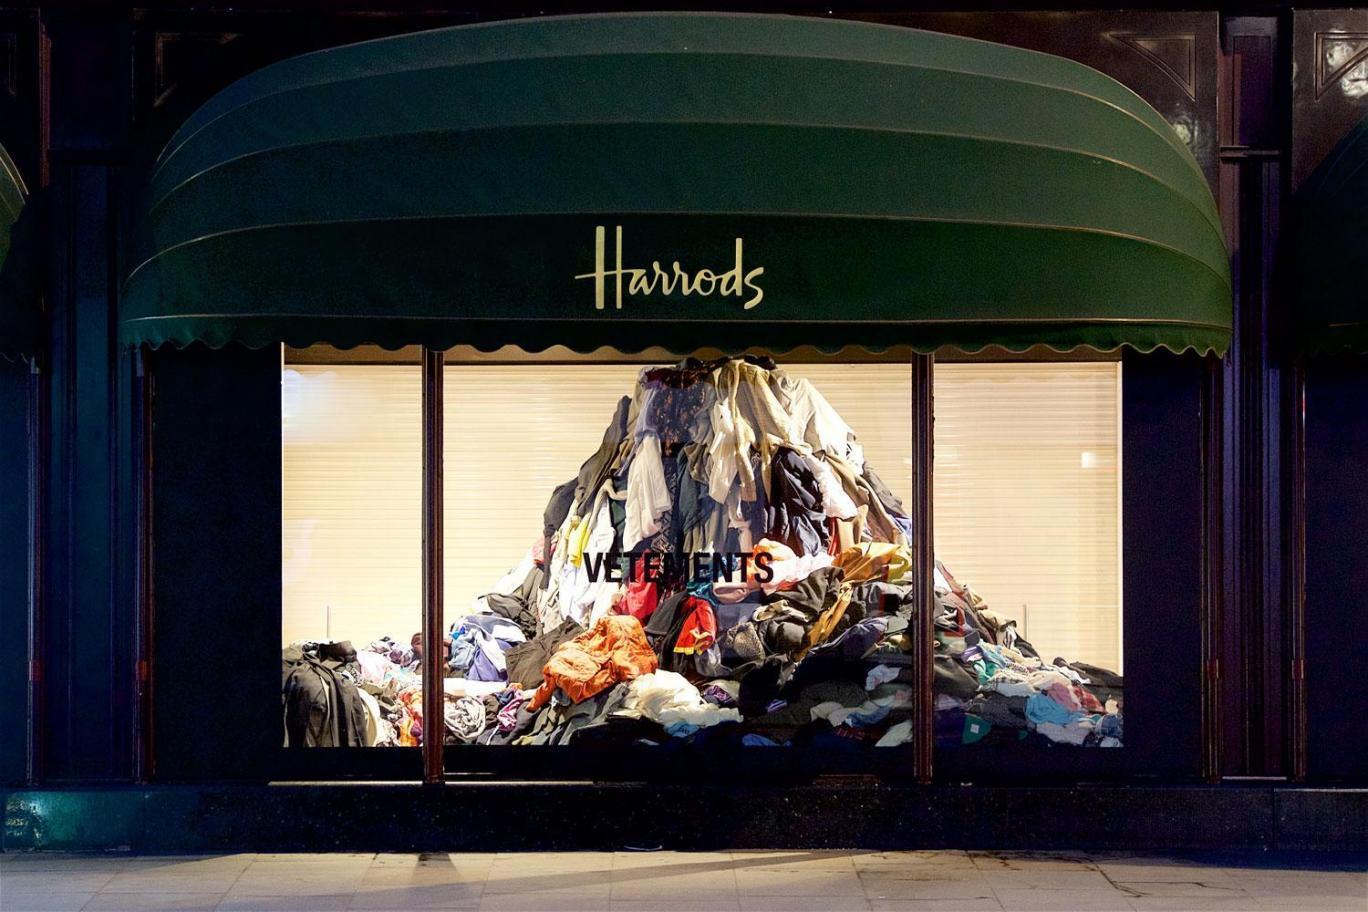 installazione di Vetements e Harrods contro la sovrapproduzione | Collater.al 5